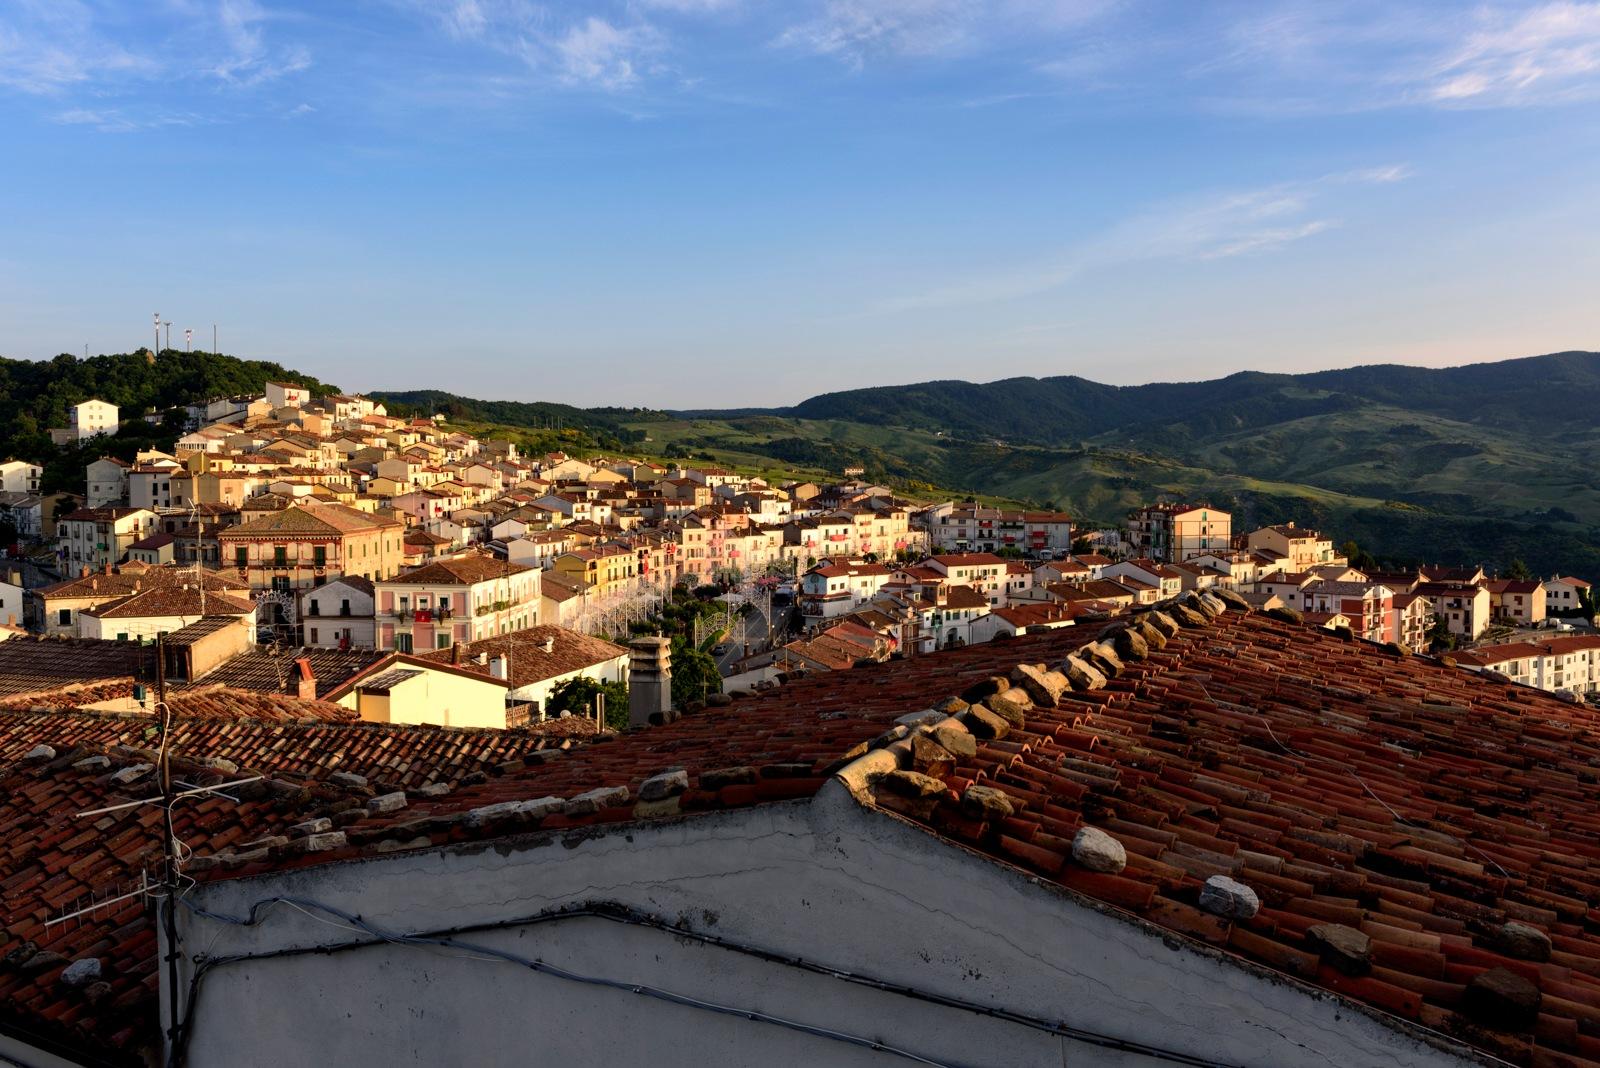 The Maggio of Accettura 8/20 by Roberto Scordino